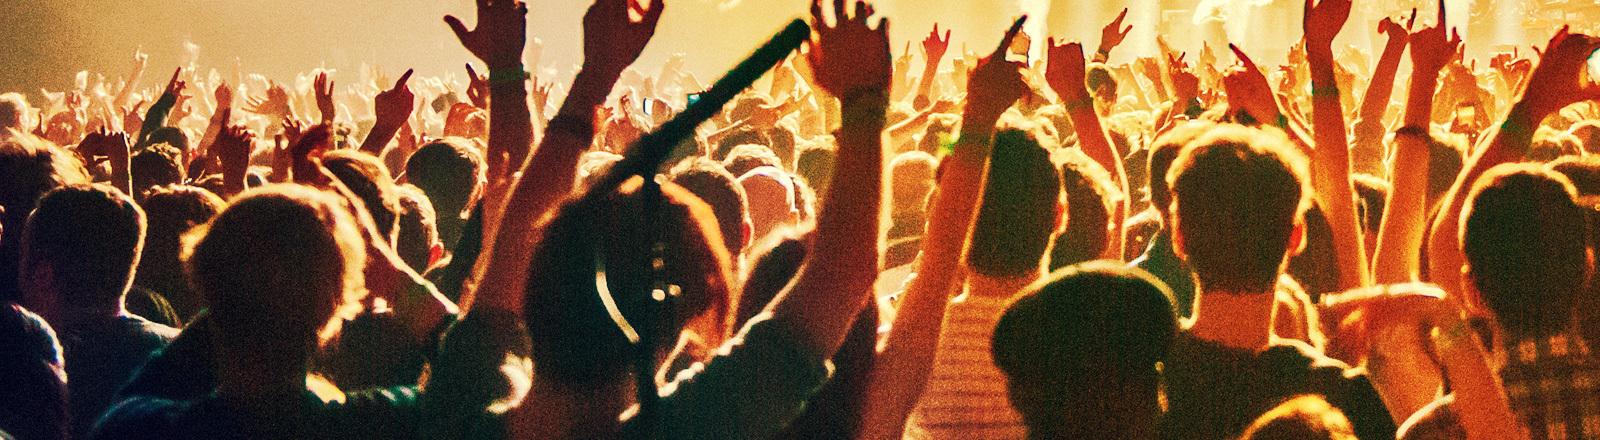 Menschen feiern in einem Club und tanzen.